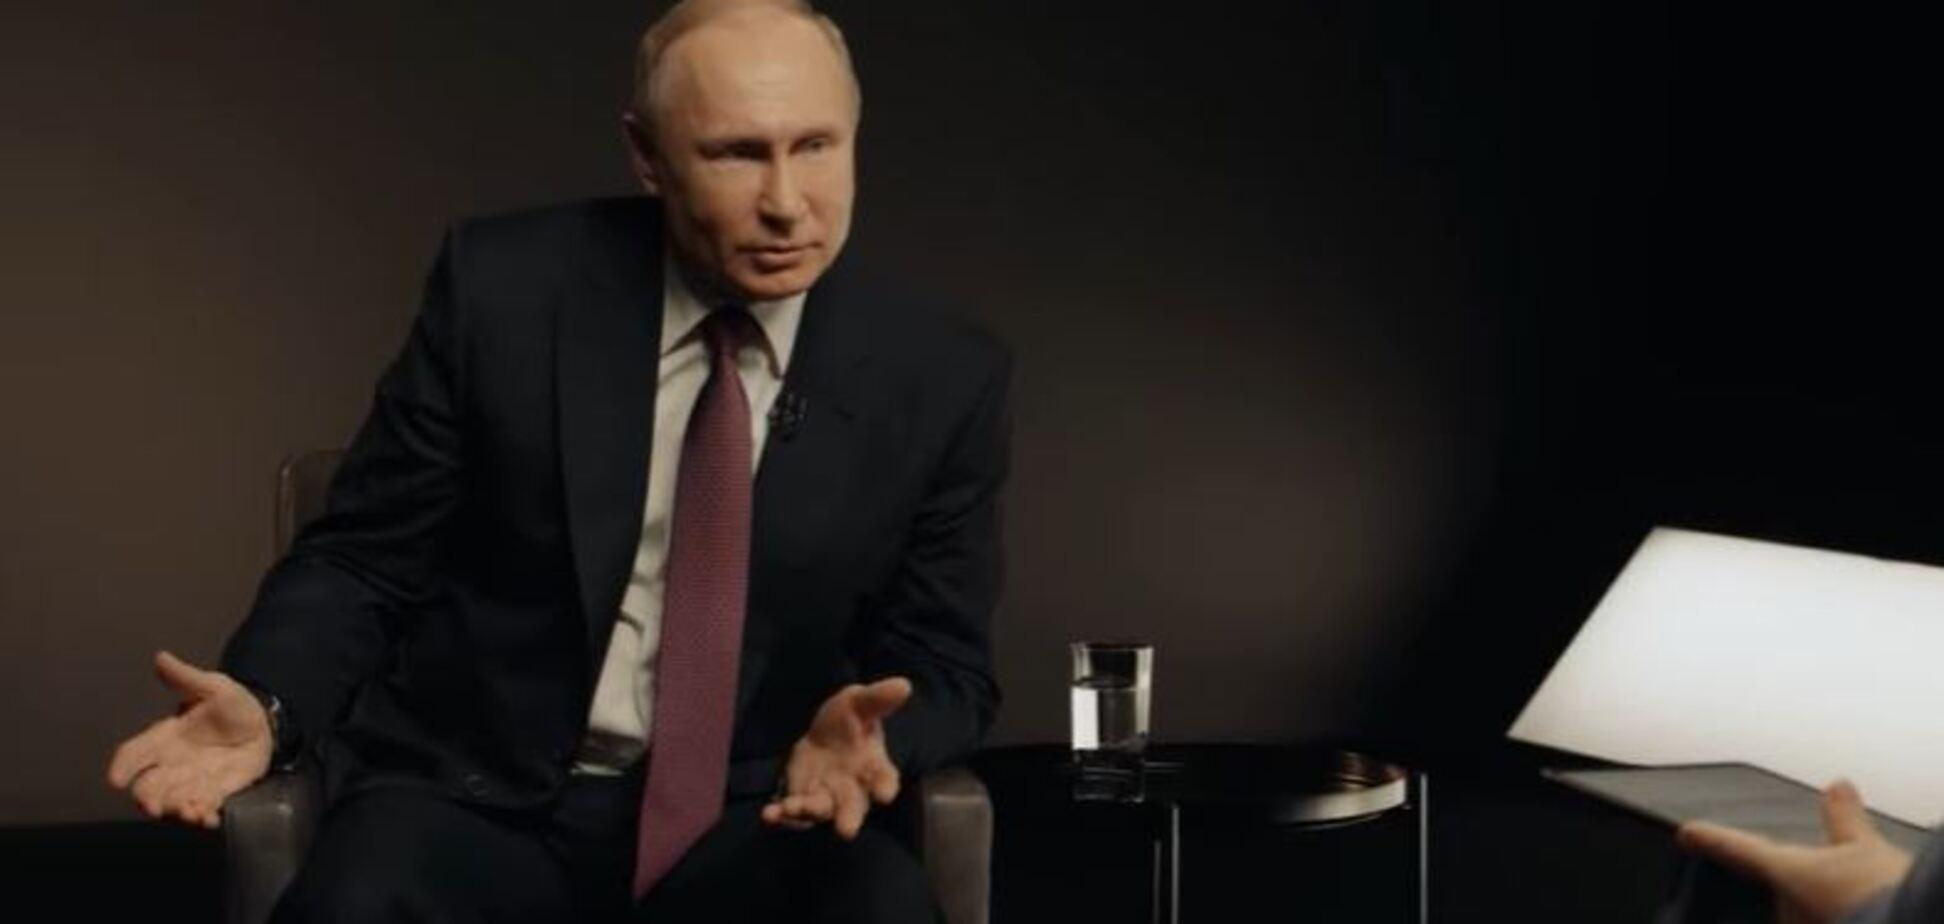 'Розрізали по живому!' Путін нахабно вліз у справи УПЦ